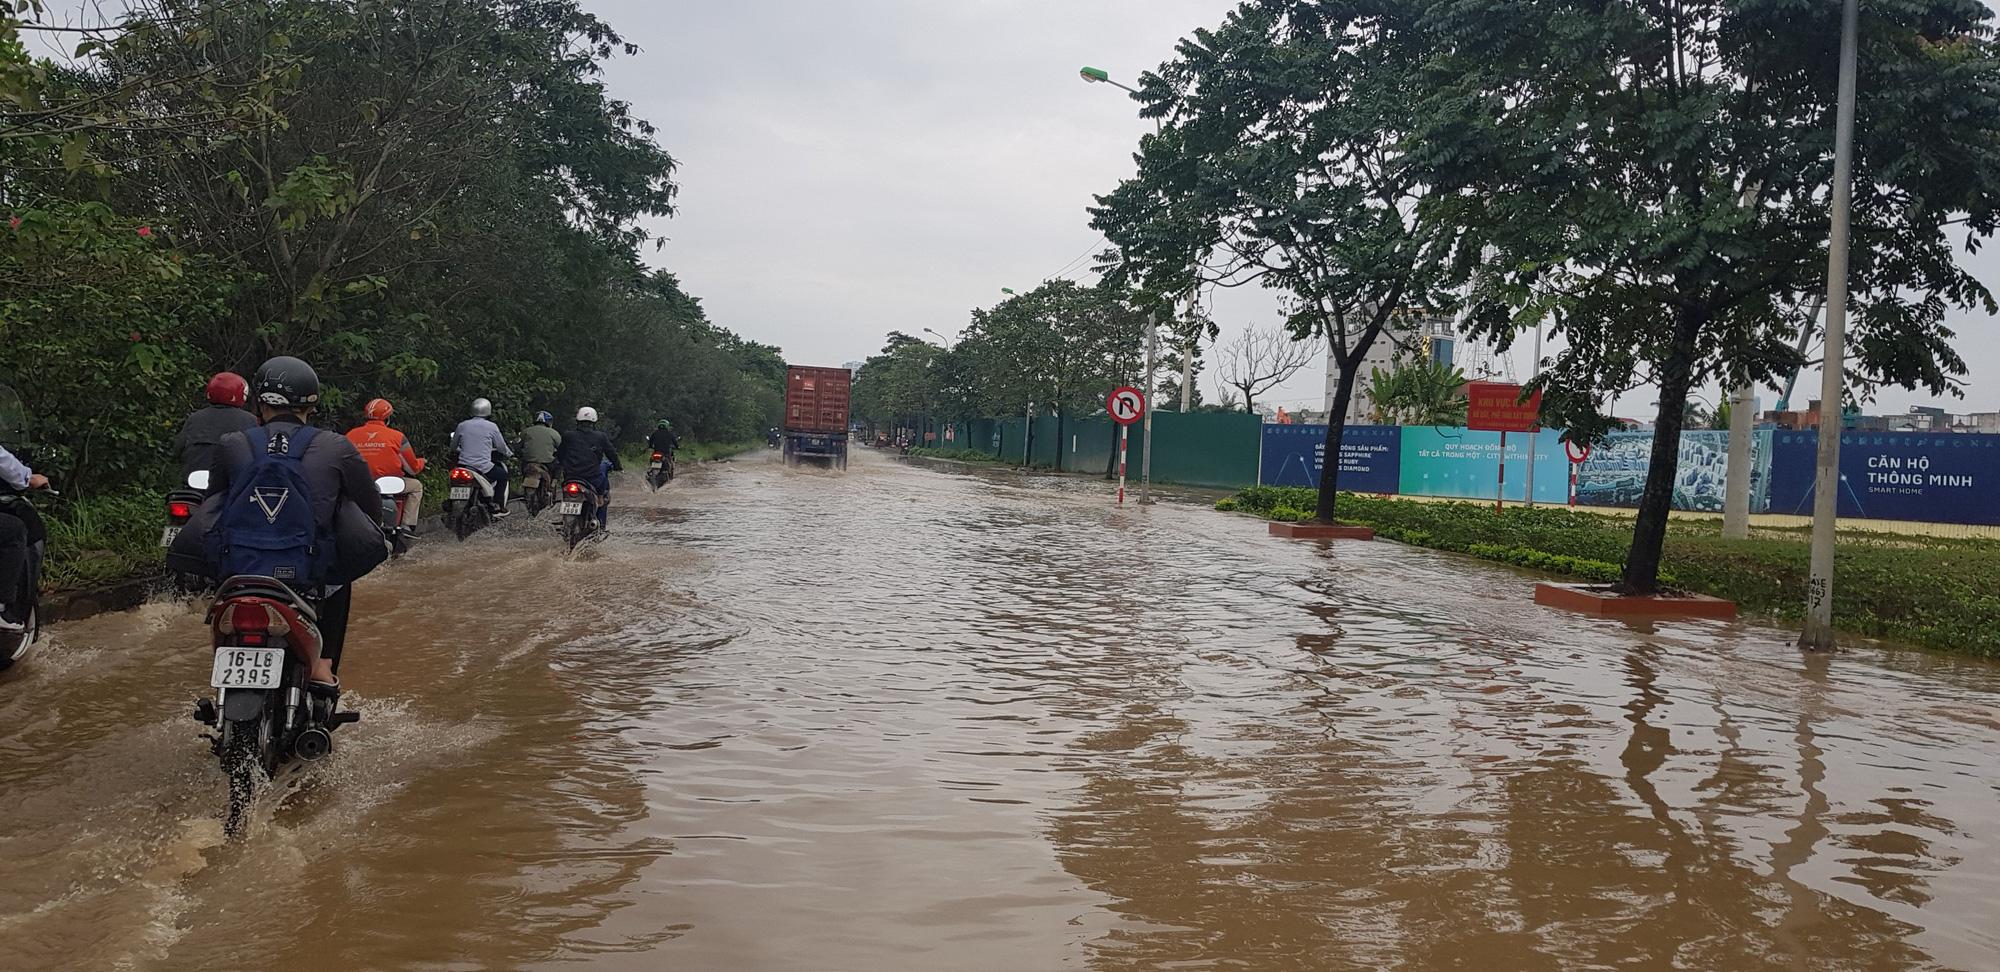 Hà Nội: Hàng loạt phố chìm trong biển nước sau cơn mưa lớn - Ảnh 6.